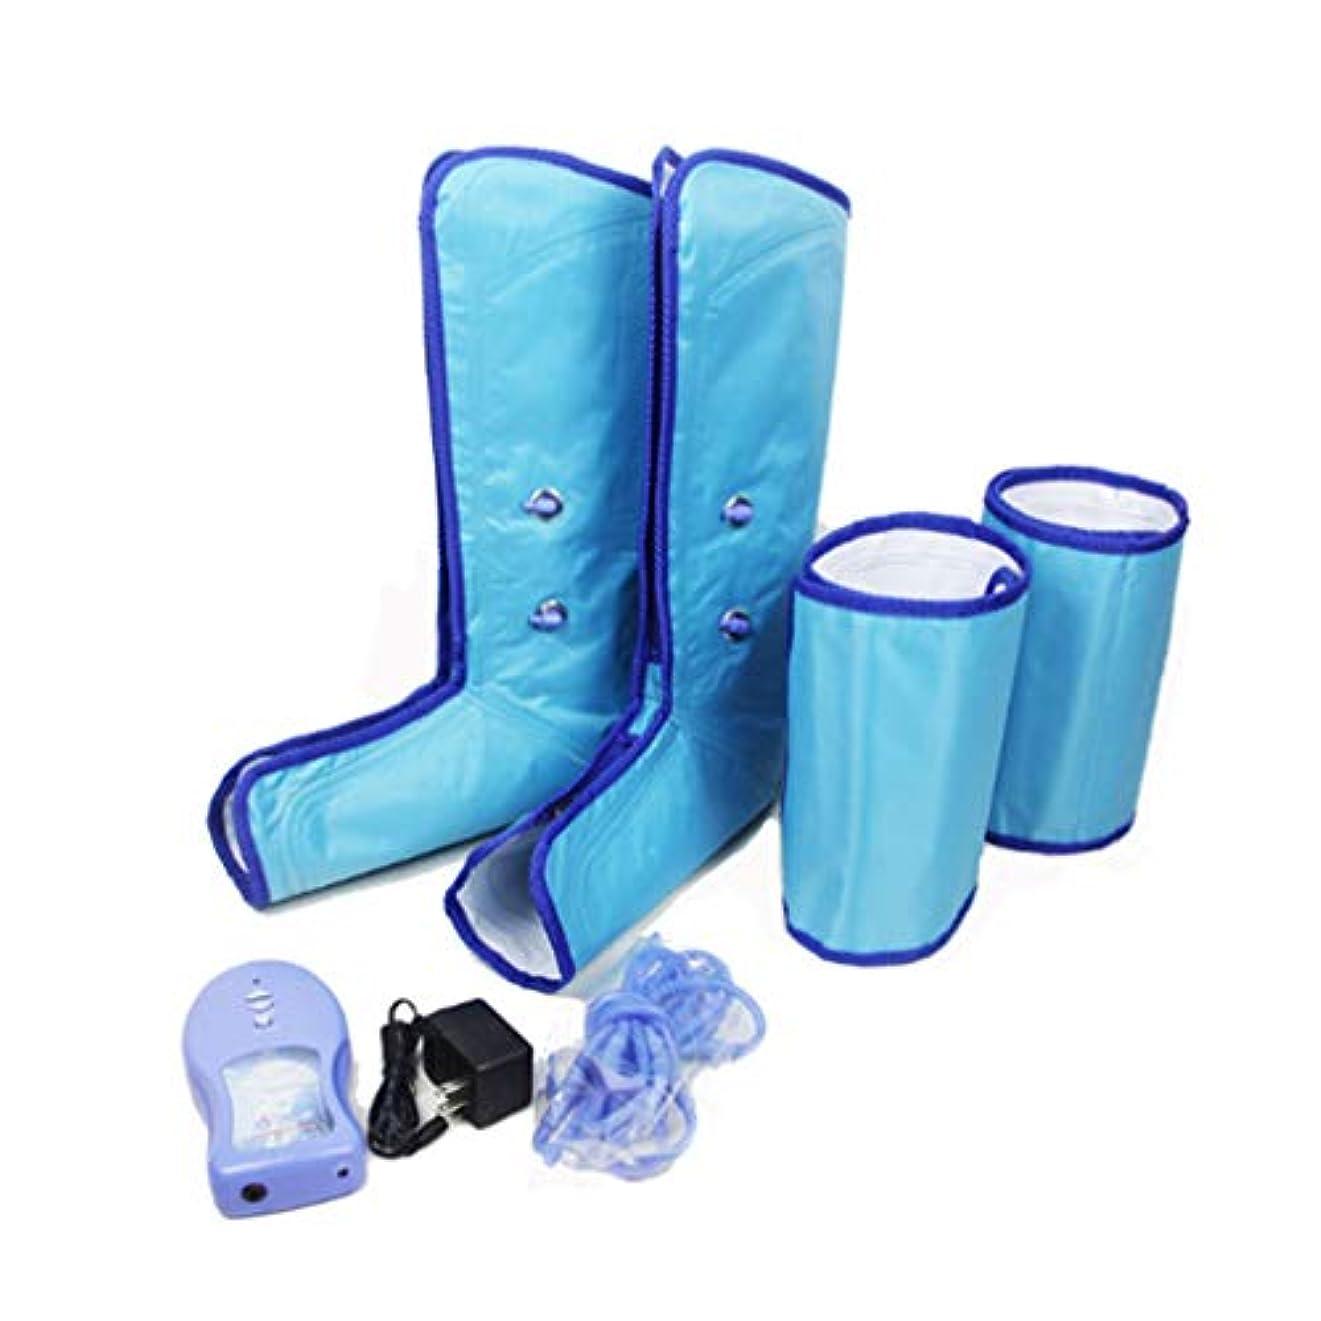 もう一度偽造間循環および筋肉苦痛救助のための空気圧縮の足覆いのマッサージャー、足のふくらはぎおよび腿の循環のMassagetherapyの足の暖かい人